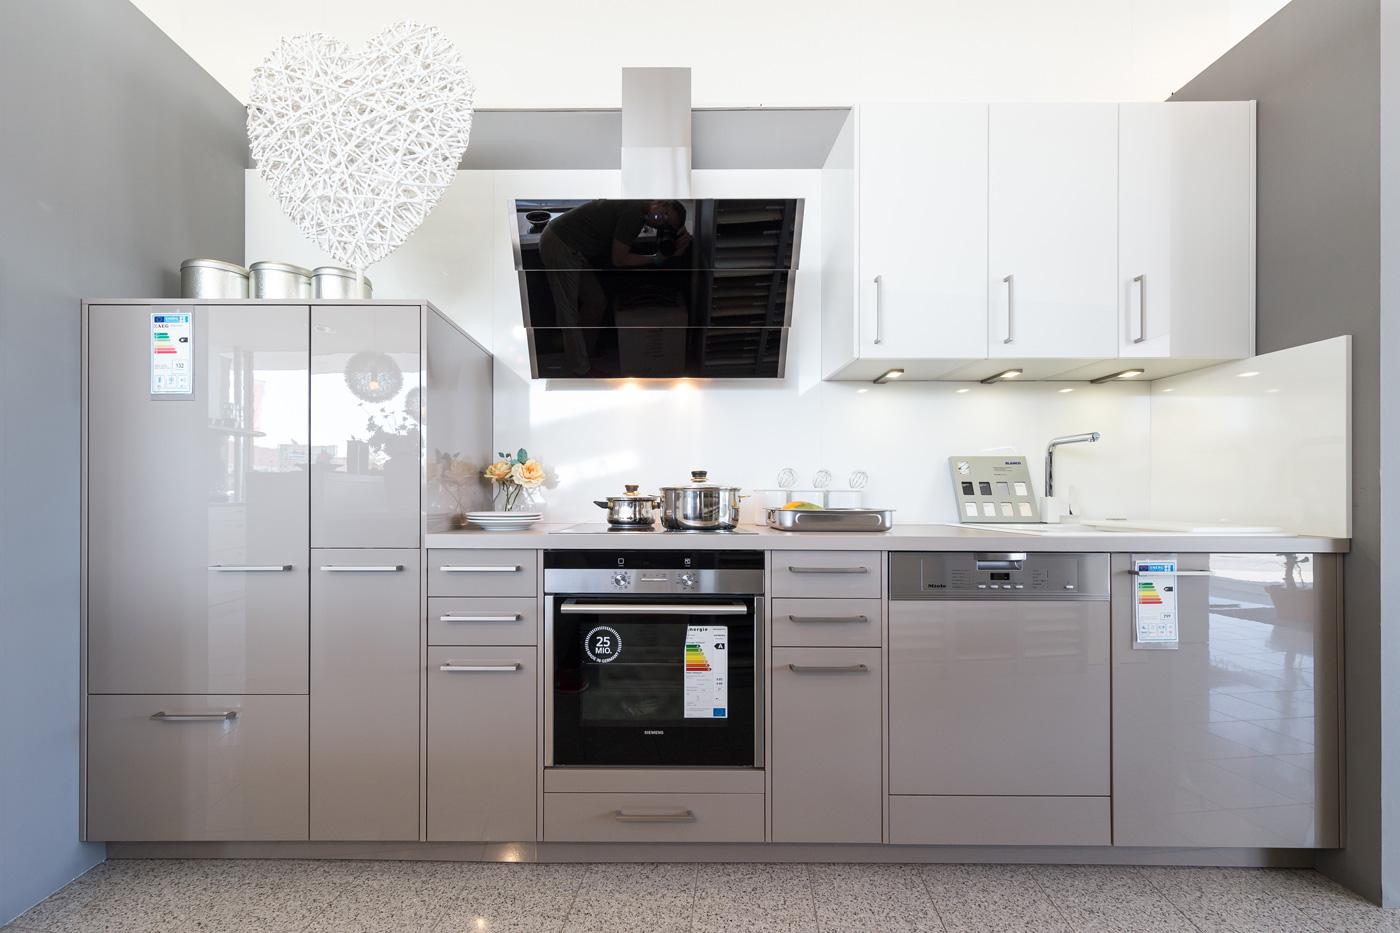 Küchenausstellung in Bad Kreuznach: Besuchen Sie uns!